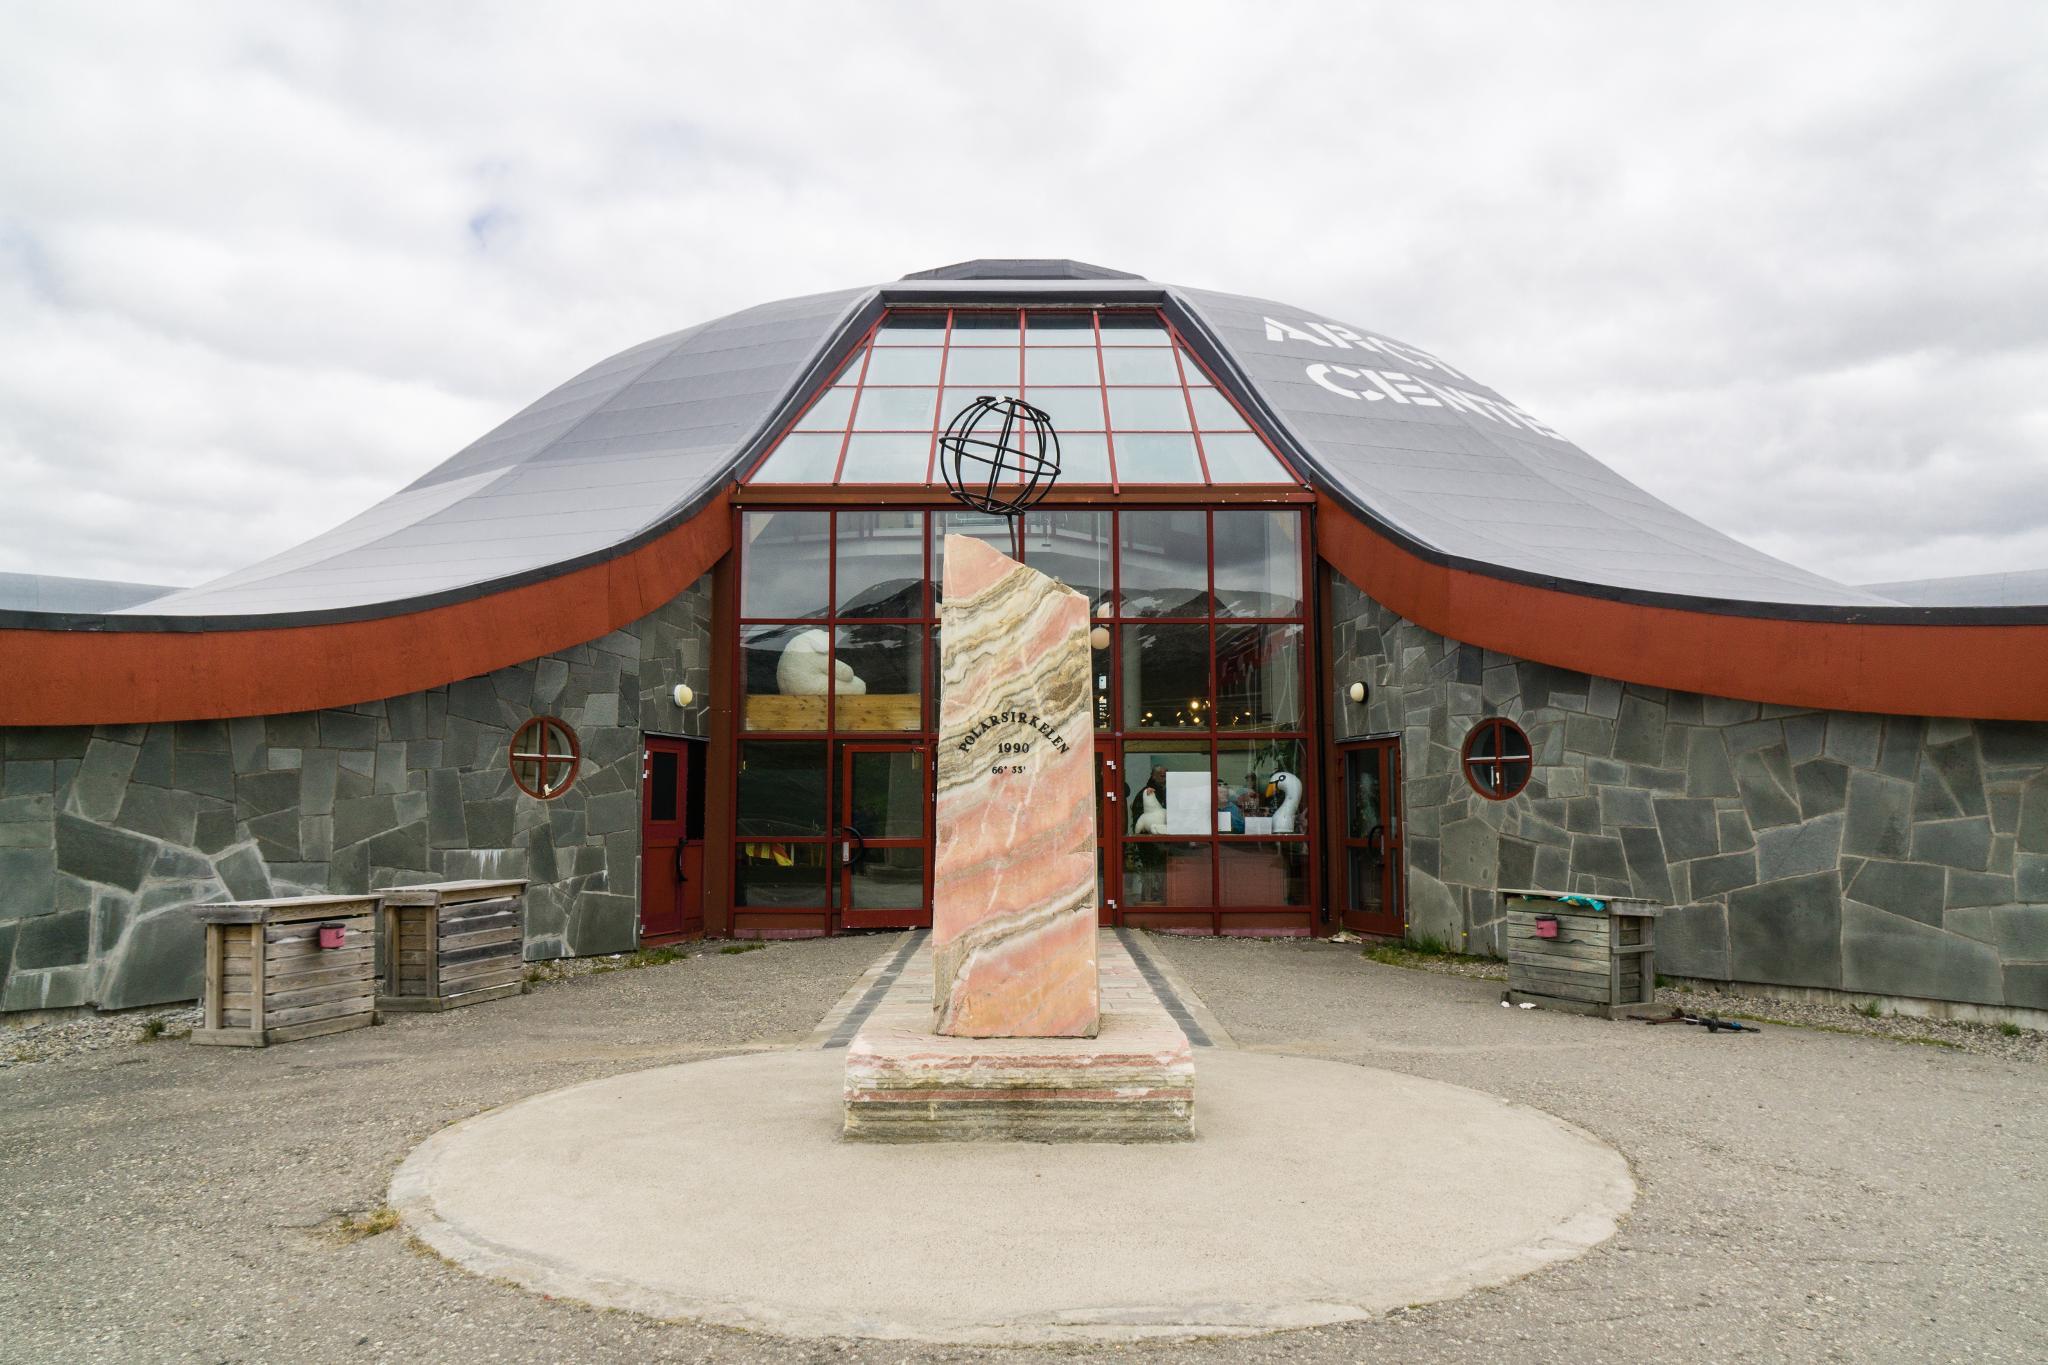 【北歐景點】通往極圈的重要門戶 - 挪威北極圈中心 The Arctic Circle Centre 3